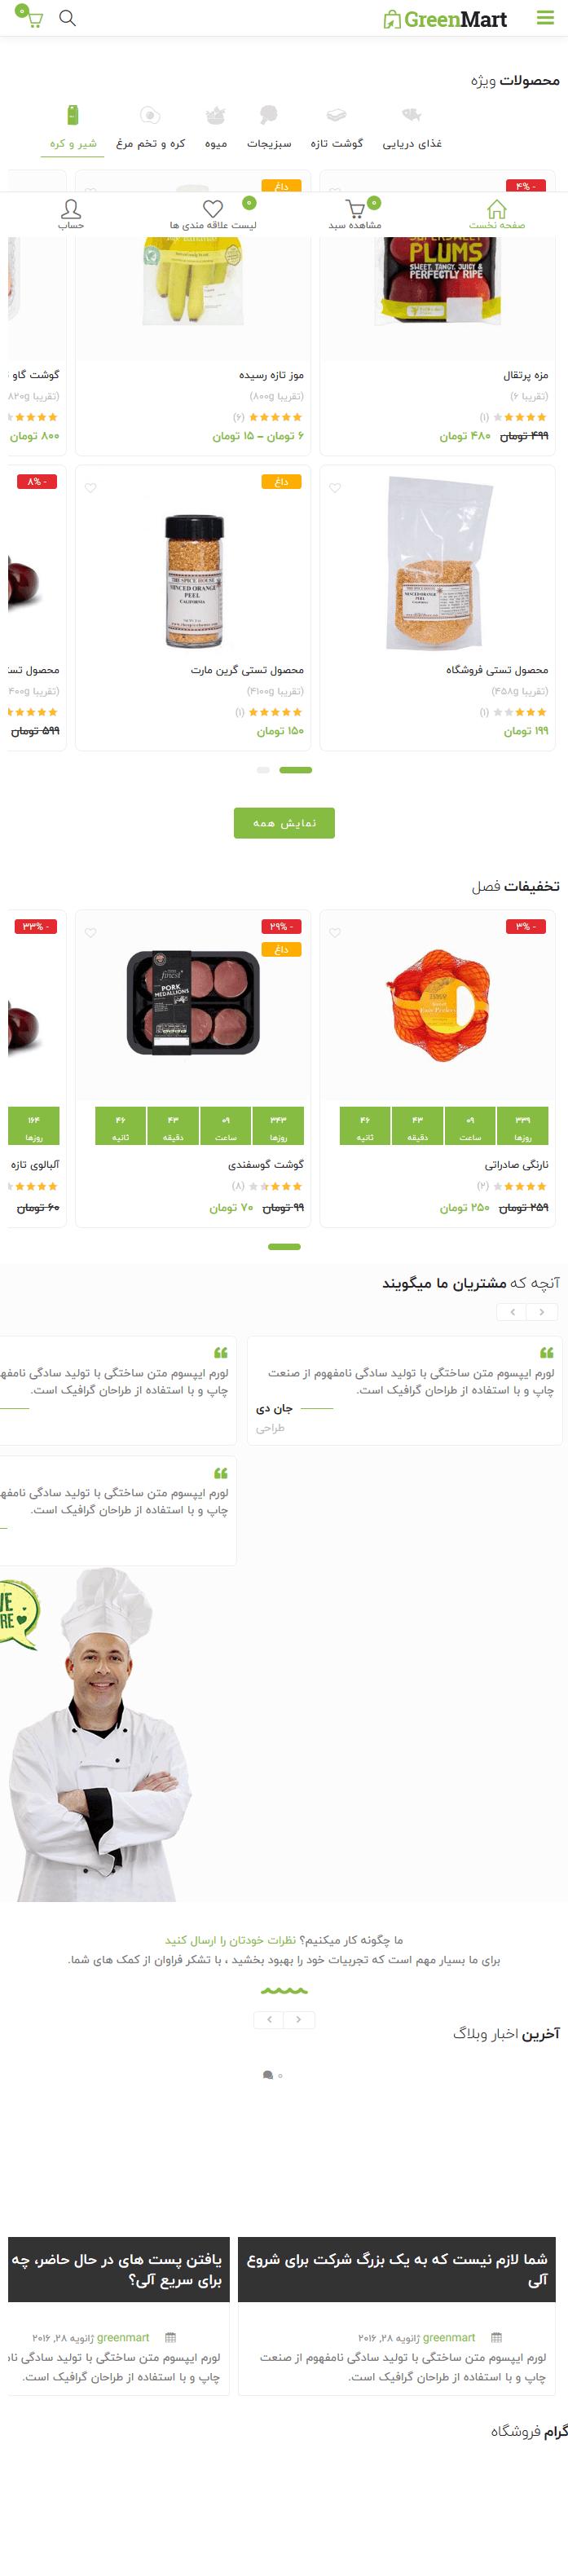 حالت تبلت سایت فروشگاهی آرین شاپ